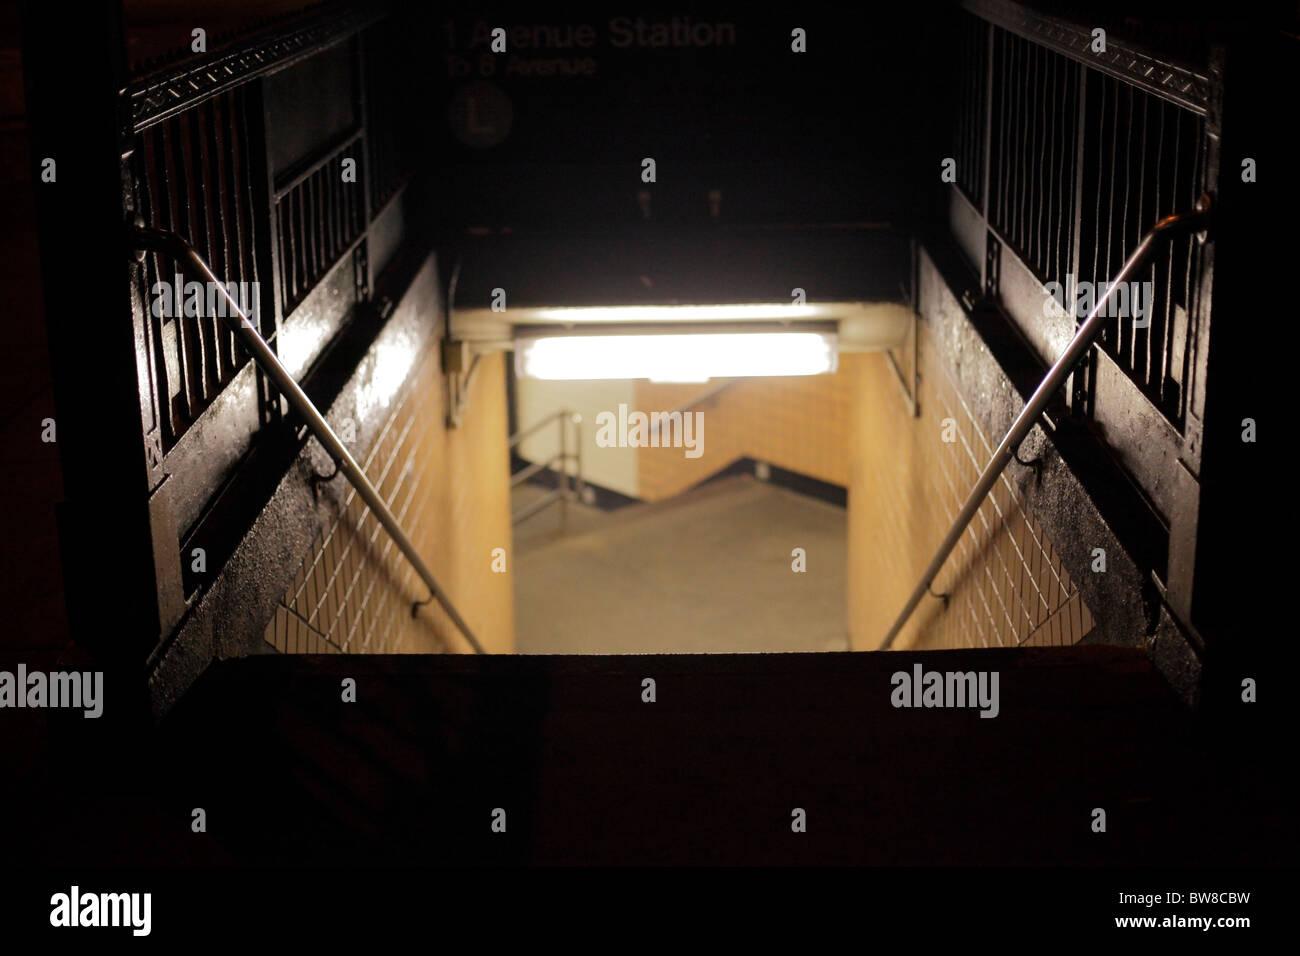 Sortie entrée du métro Photo Stock